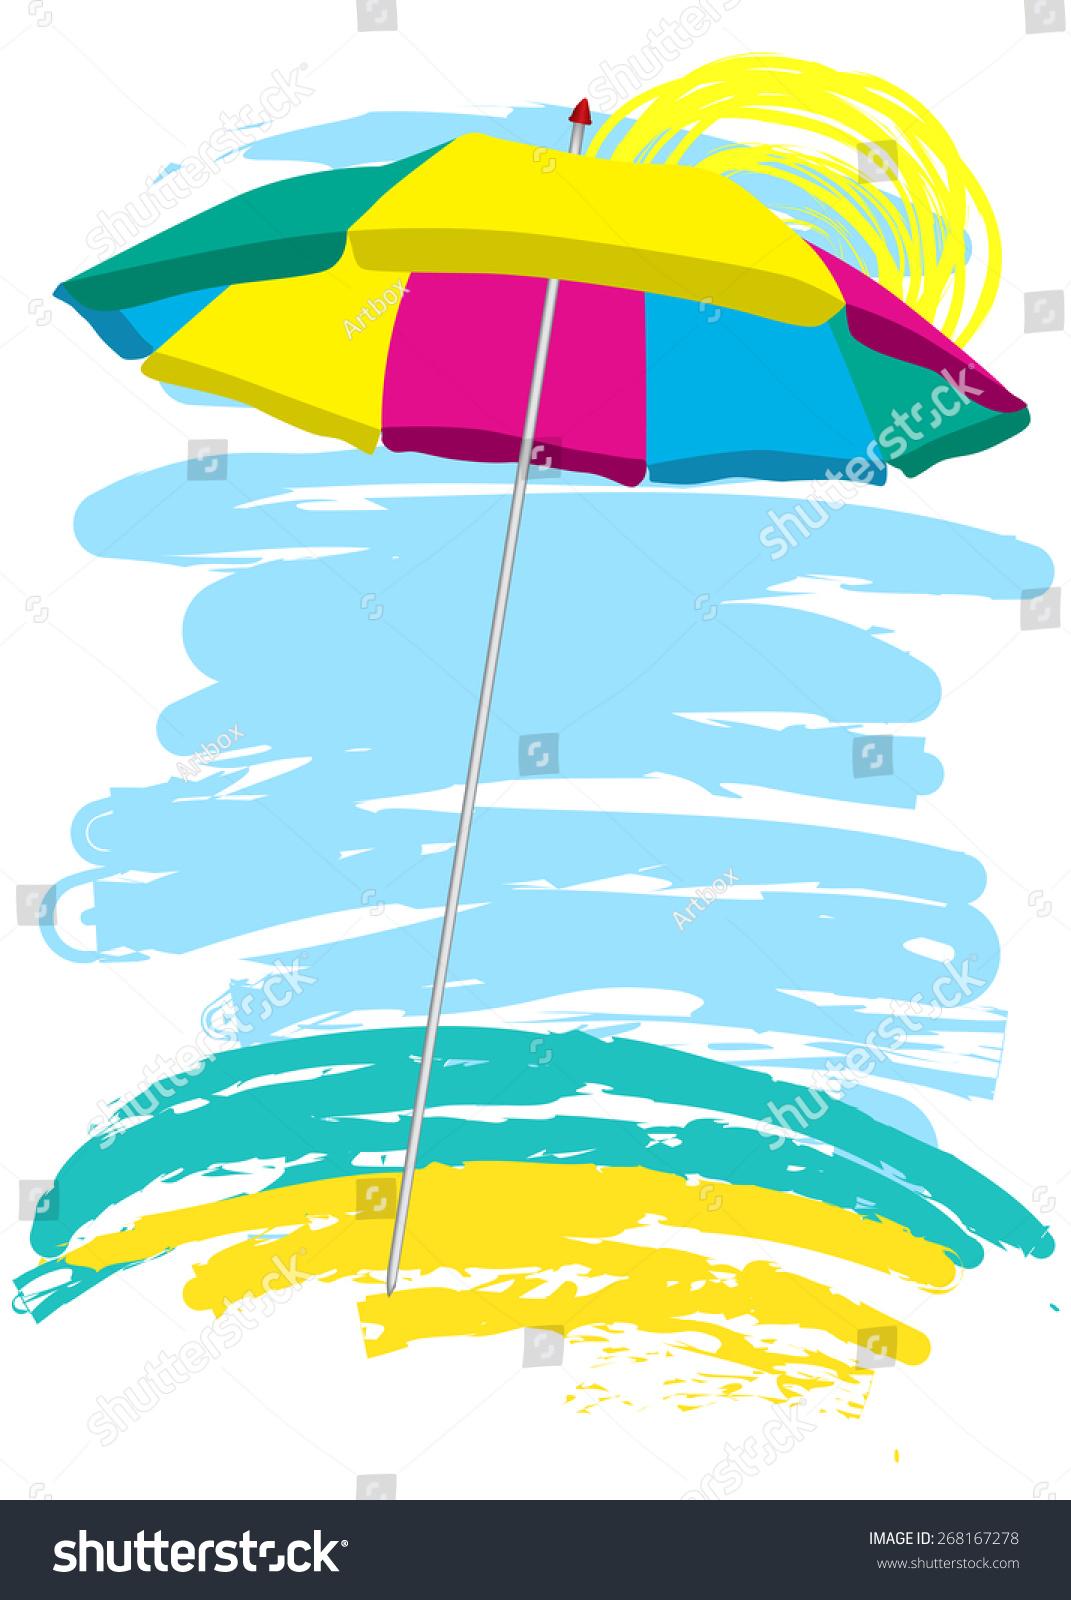 Beach chair and umbrella sketch - Beach Umbrella On The Beach Sketch